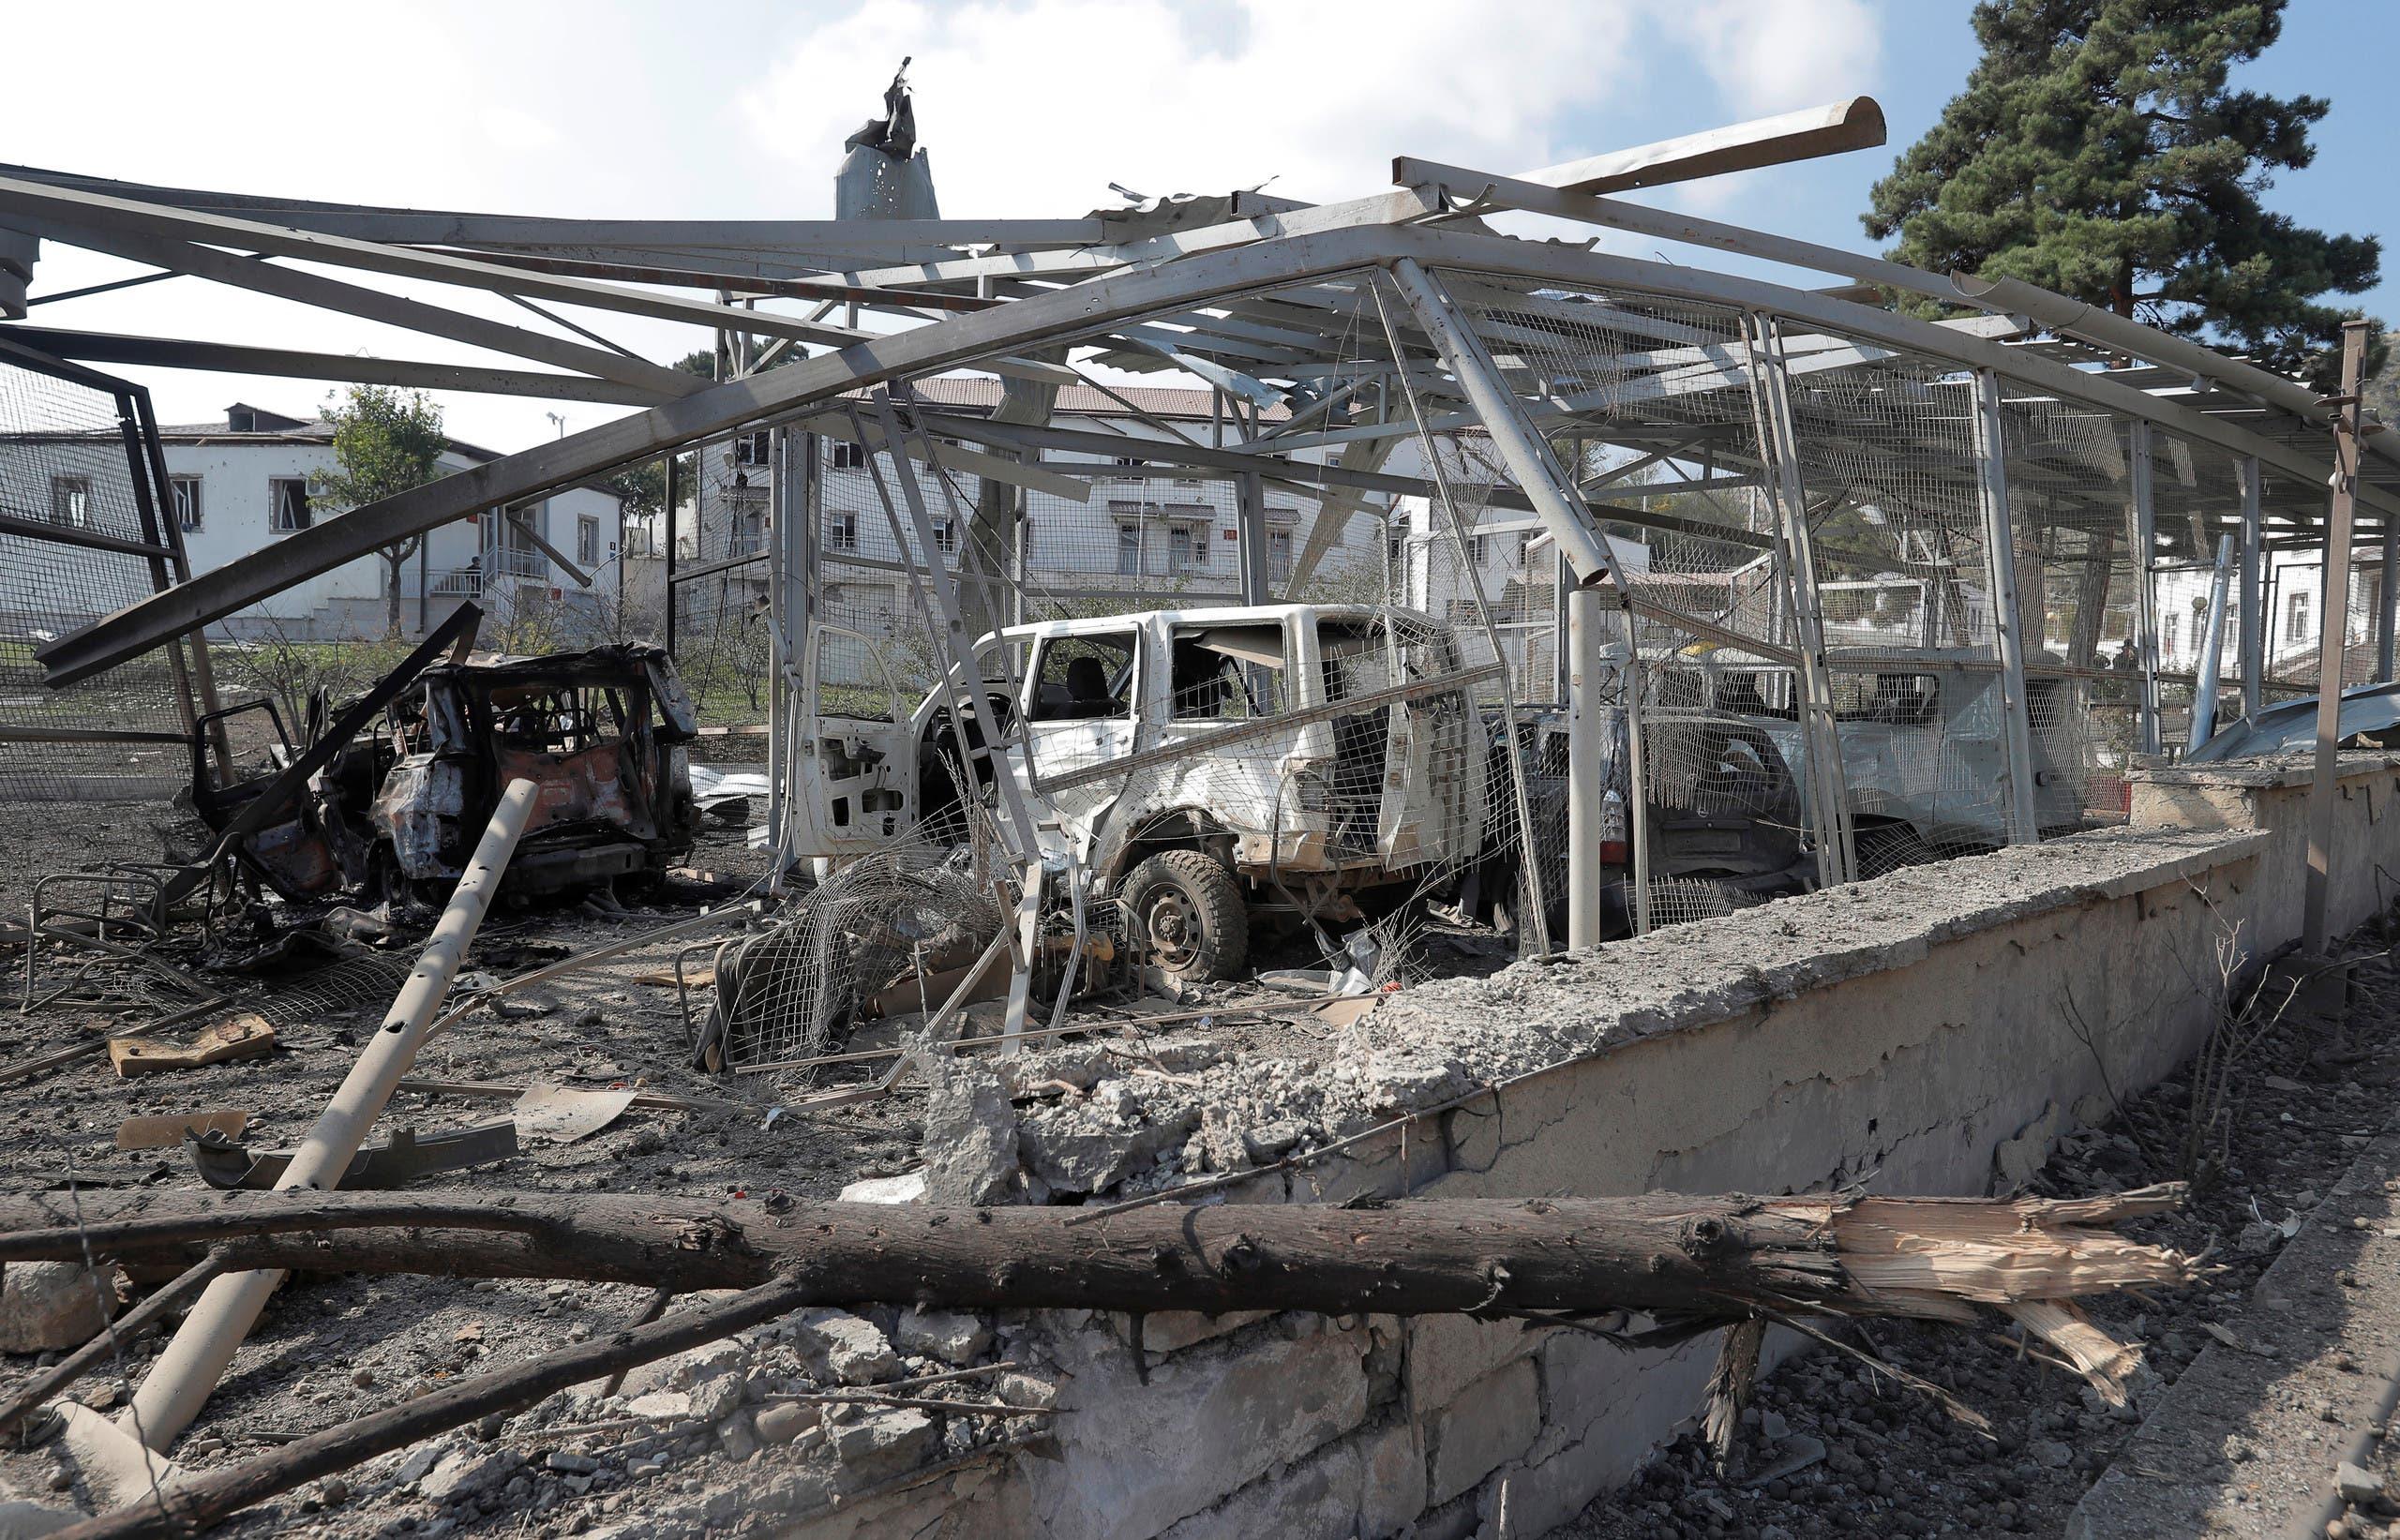 سيارات محطمة أمام مستشفى بسبب قصف للقوات الأذربيجانية، طبقاً لوزارة خارجية إقليم ناغورنو كاراباخ